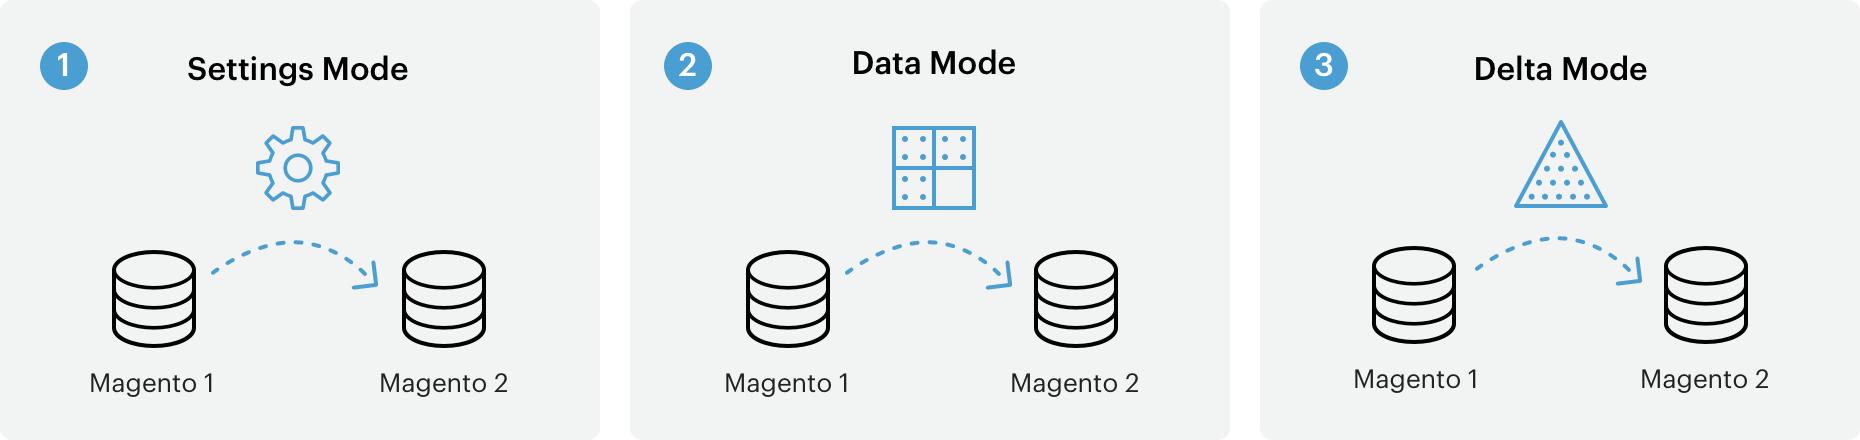 magento-2-data-migration-mode